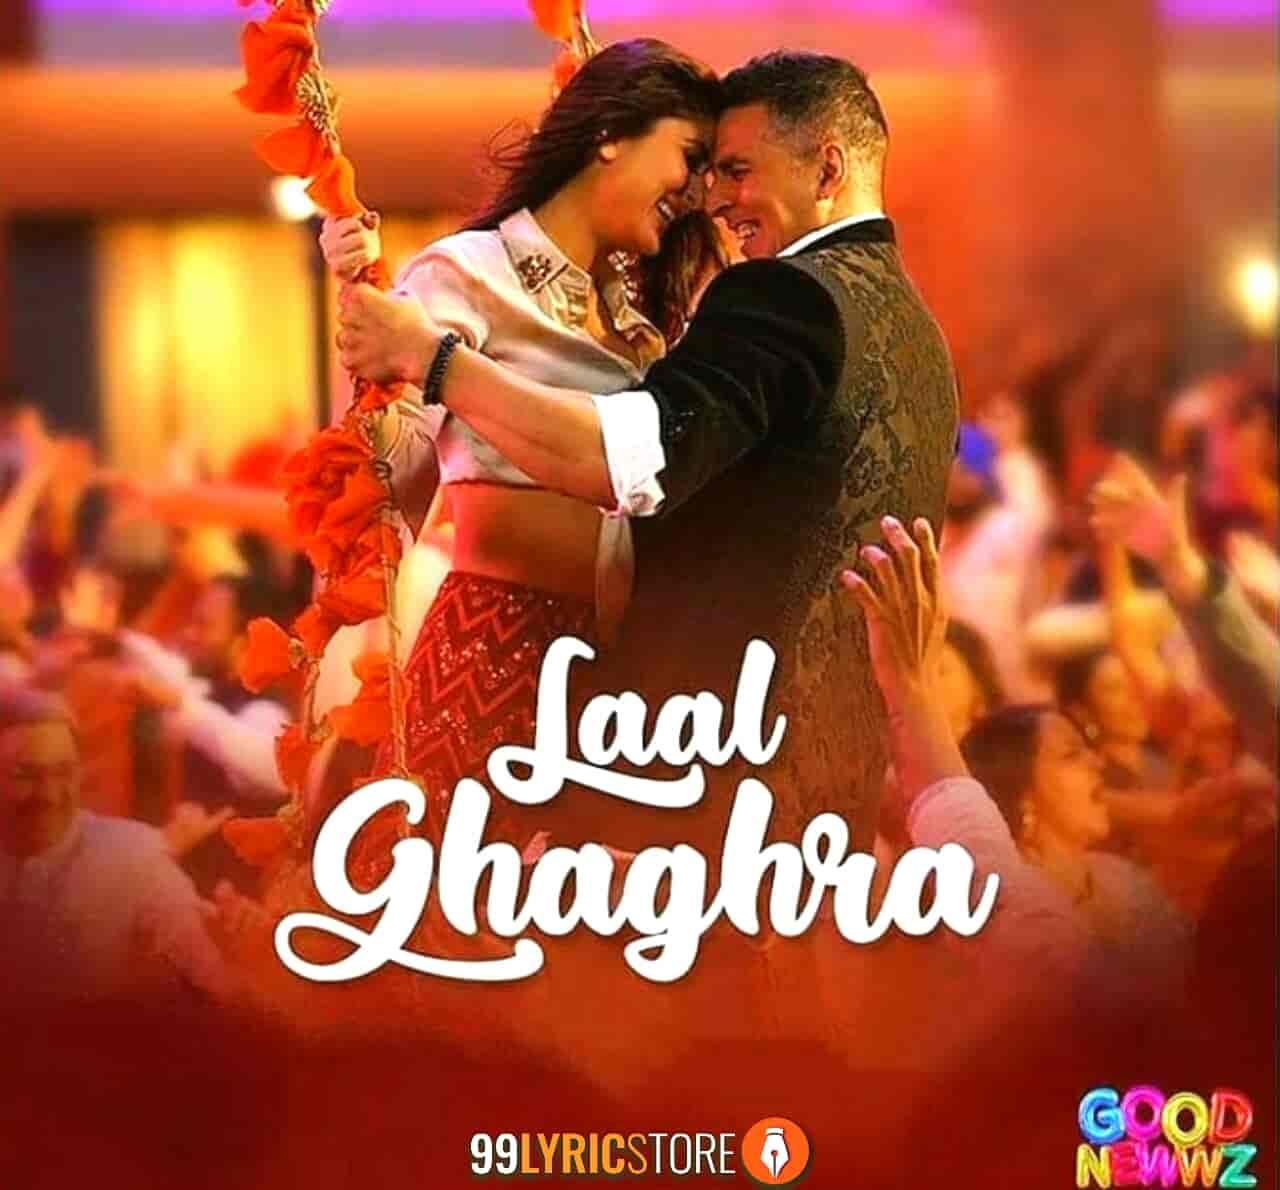 Laal Ghaghra Lyrics Images Good Newwz